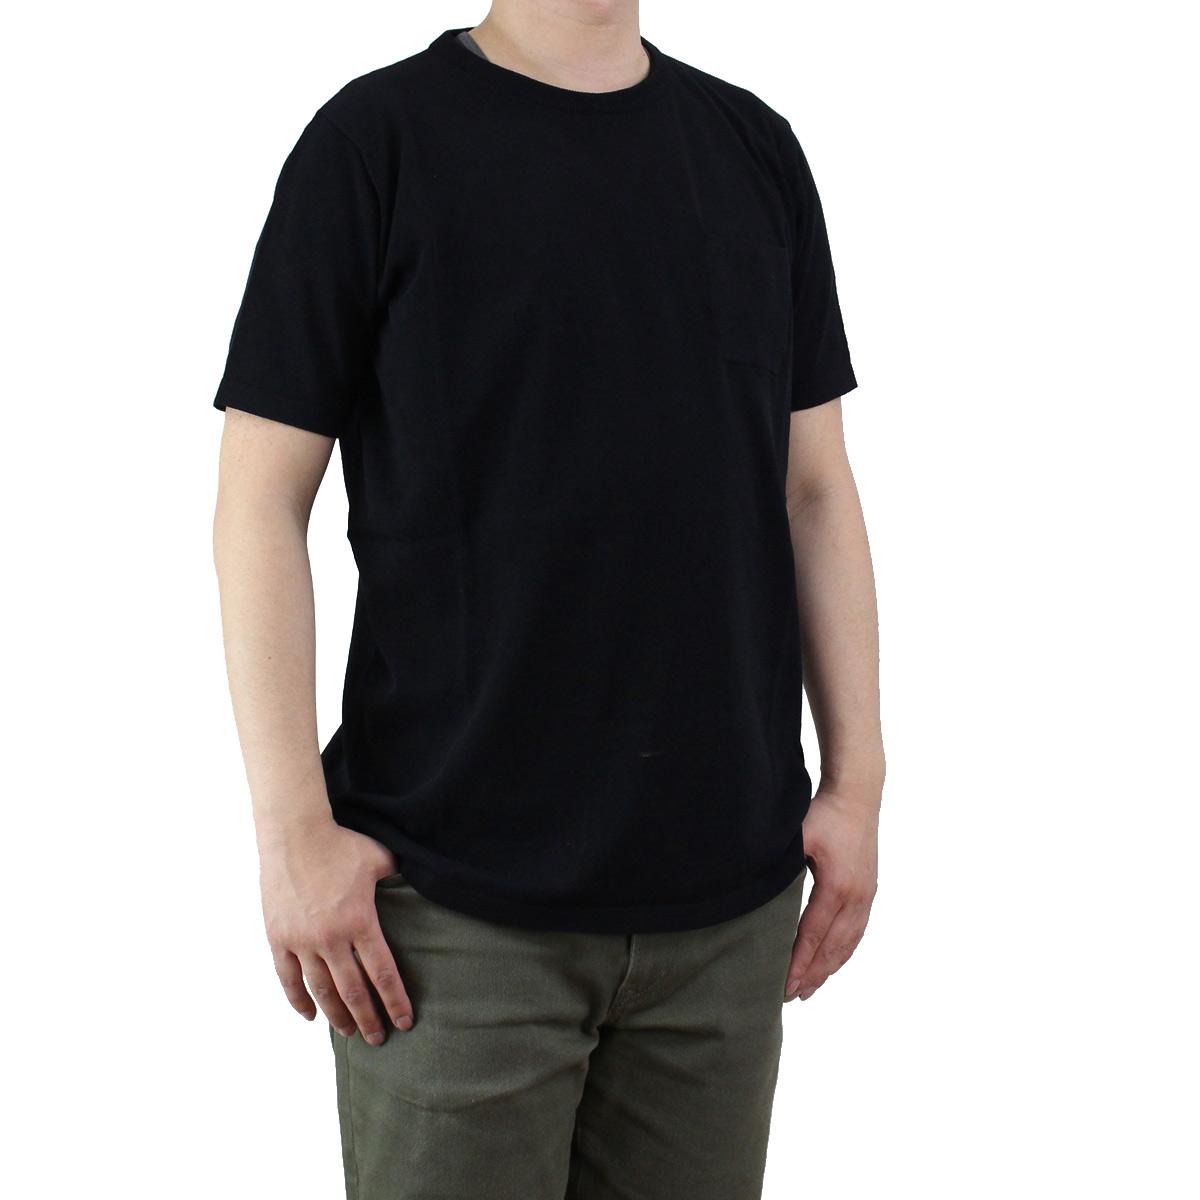 バーク Bark メンズ 半袖 サマー セーター 71B6006 261 BLACK ブラック メンズ【キャッシュレス 5% 還元】 KS-3